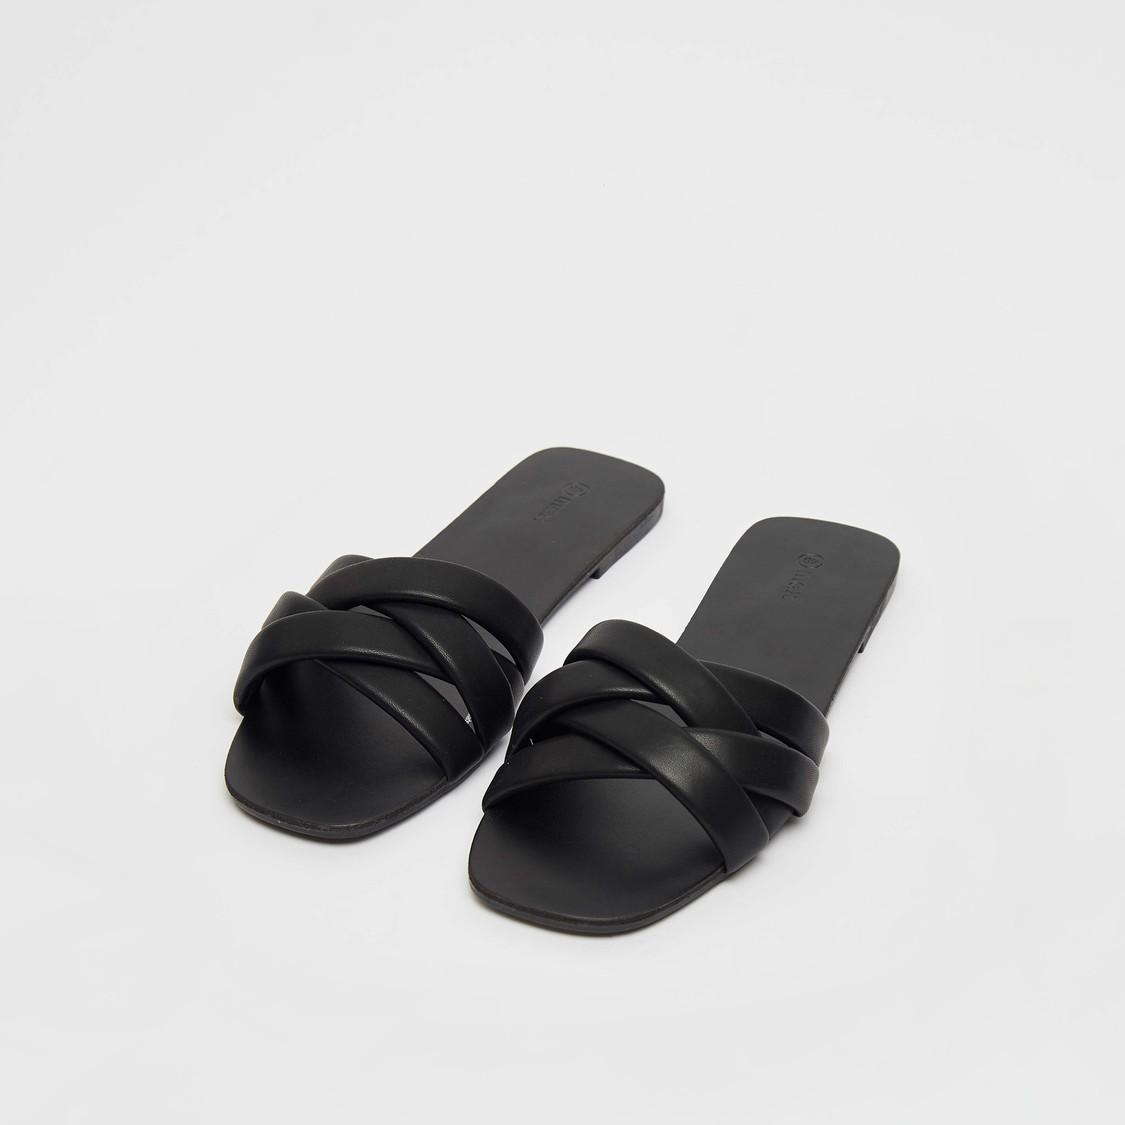 حذاء خفيف سادة مسطح بأحزمة متقاطعة